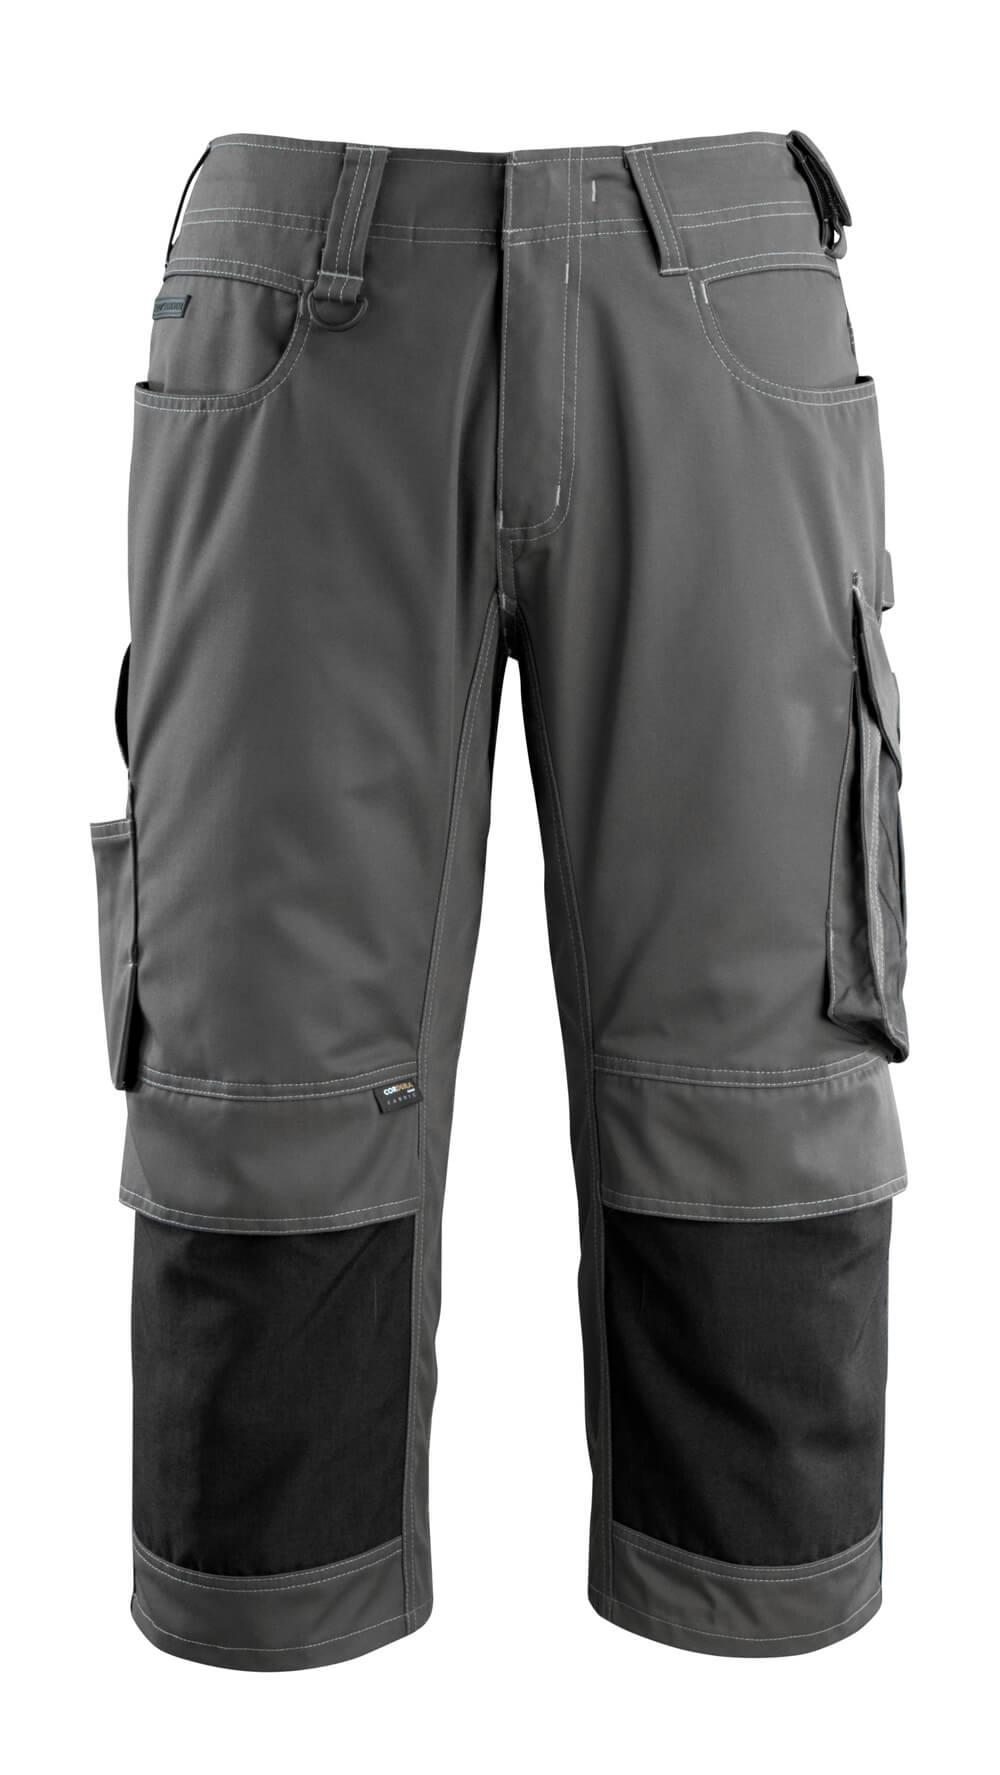 14149-442-1809 ¾ Lunghezza Pantaloni con tasche porta-ginocchiere - antracite scuro/nero